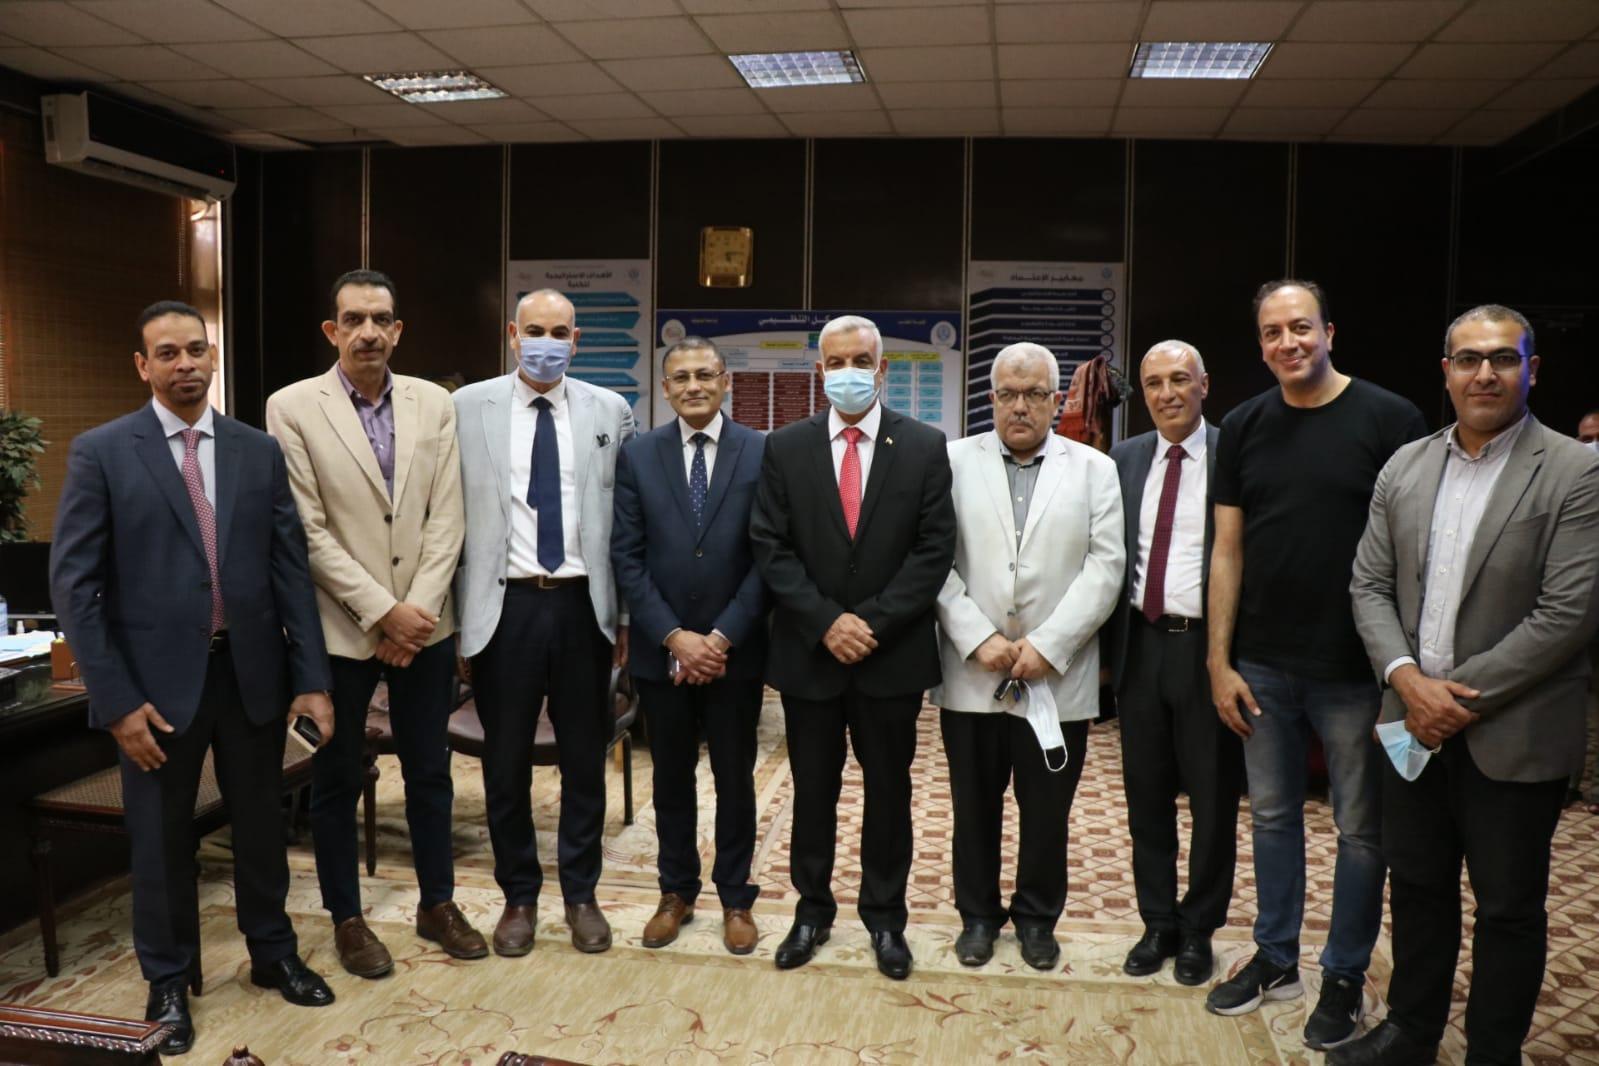 رئيس جامعة المنوفية يتفقد مركز تطعيم مستشفيات جامعة المنوفية